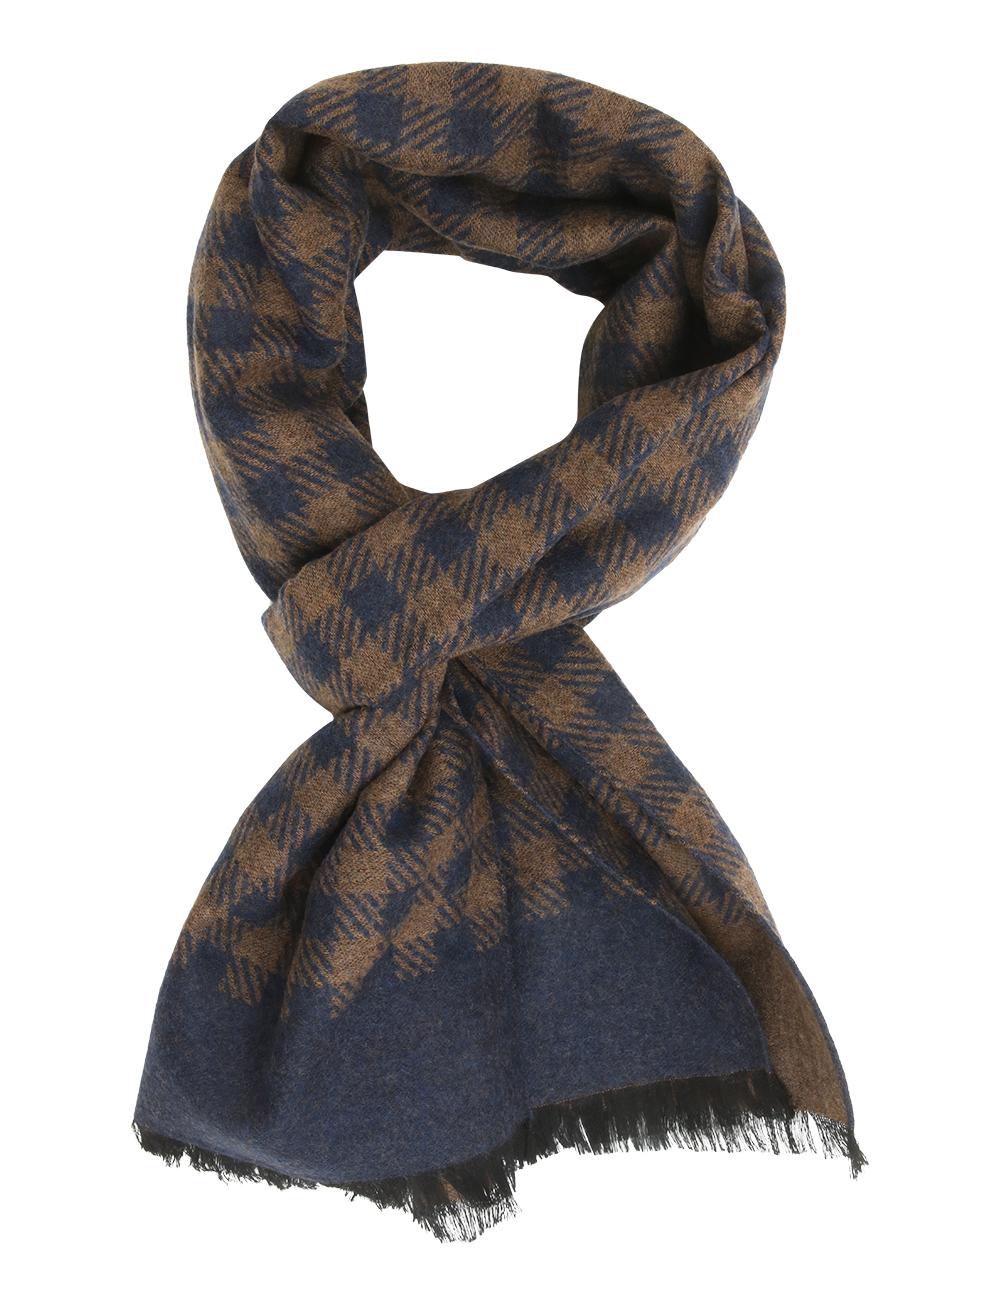 01159babc74 Echarpe à motif pied-de-poule en laine et soie – marron bleu marine. 50%.  50%. 50%